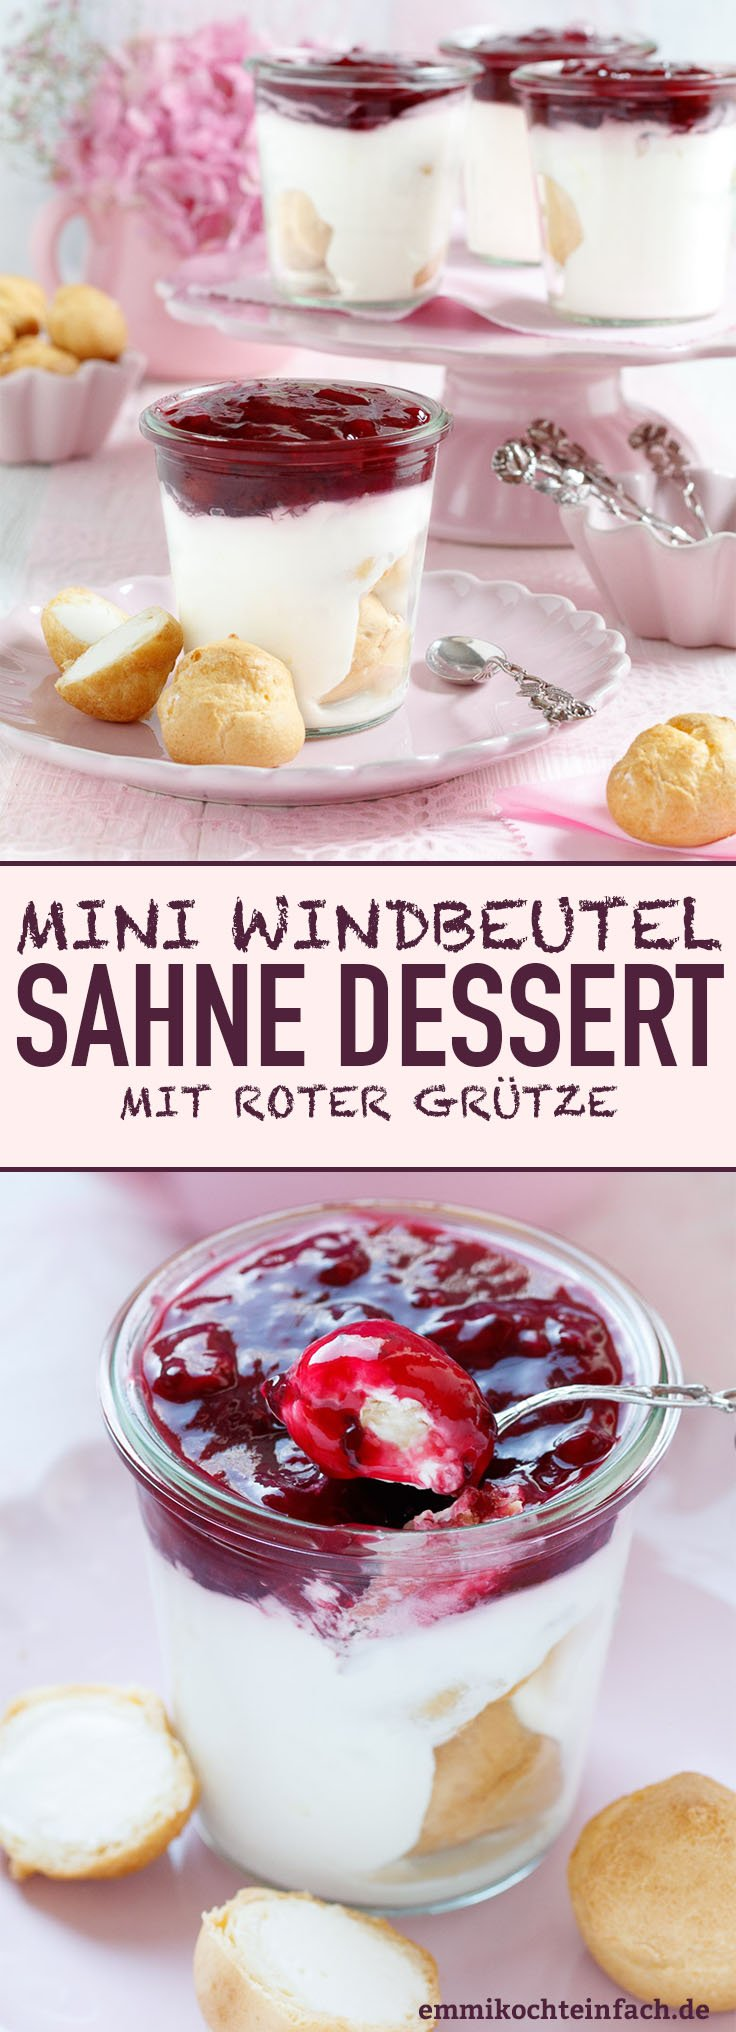 Windbeutel Sahnedessert - www.emmikochteinfach.de